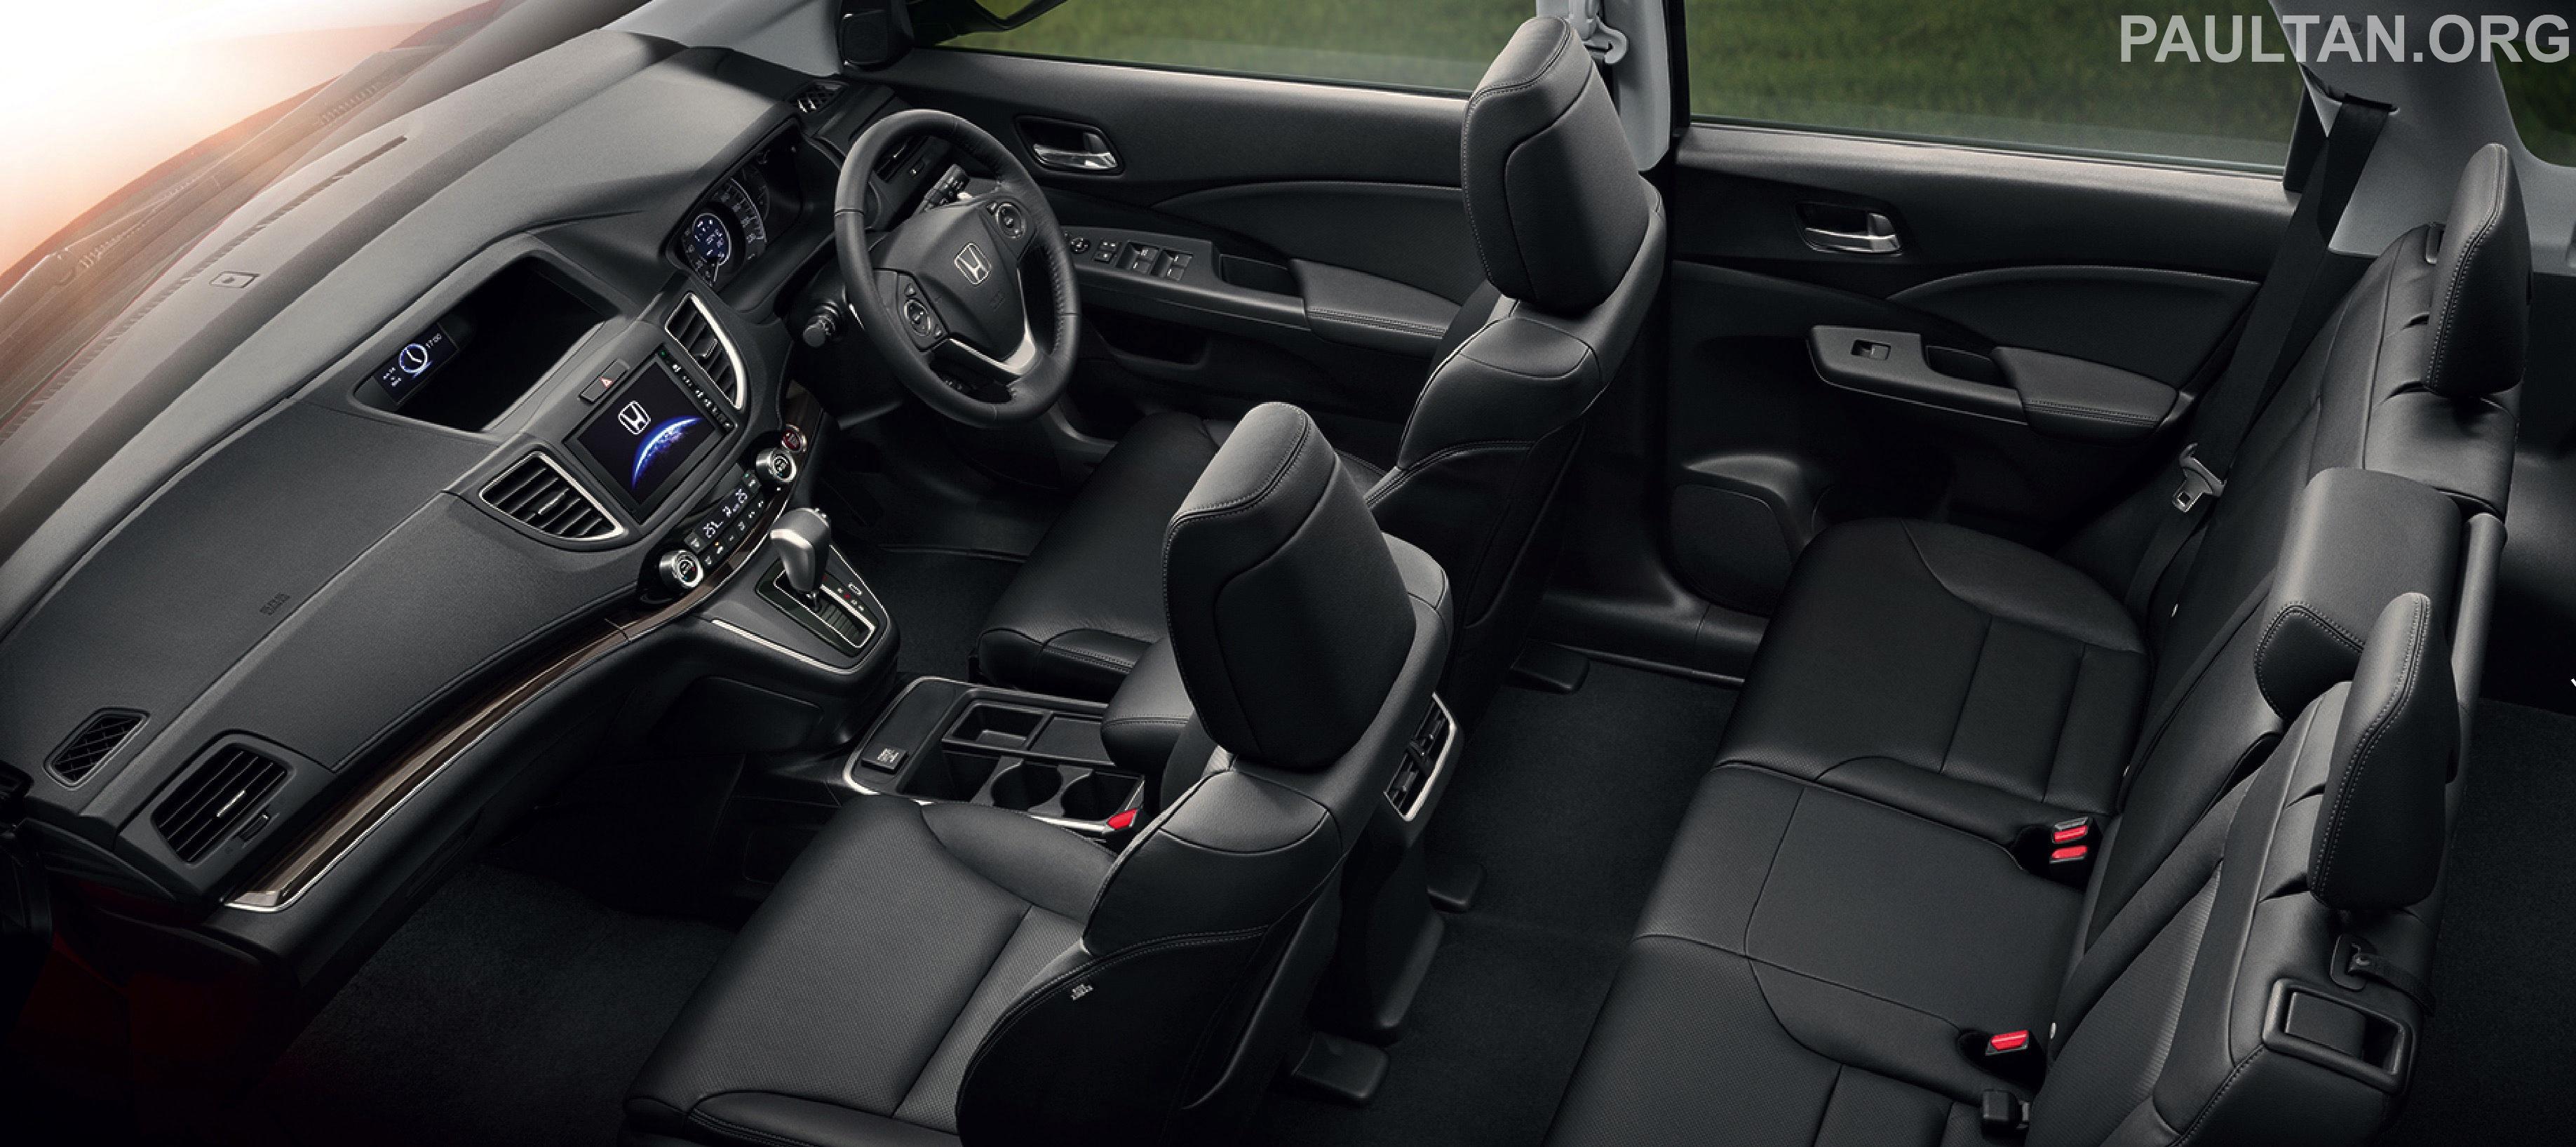 Nội thất màu đen đẹp mắt của CR-V Facelift 2015 phiên bản Châu Á